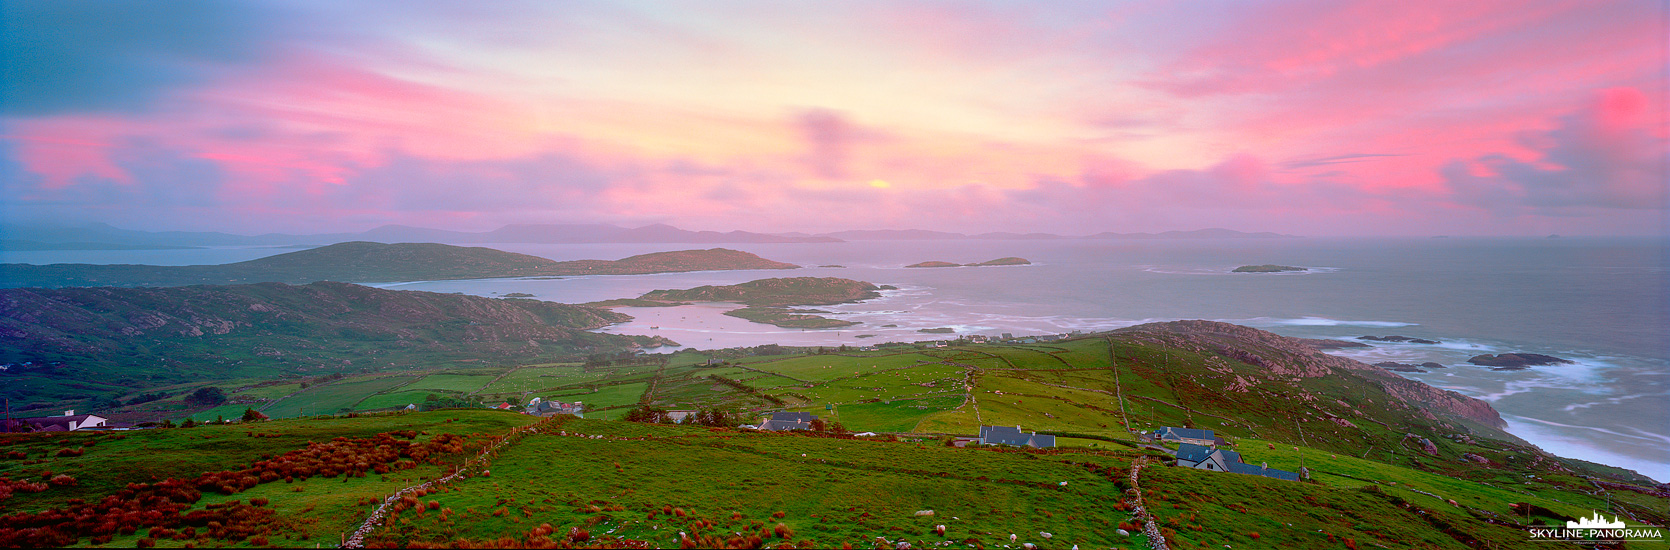 Das Panorama von einem der zahlreichen Aussichtspunkte auf die beeindruckende Küste der Iveragh-Halbinsel, im Südwesten des irischen County Kerry. Die Panoramaküstenstraße Ring of Kerry gehört zu den bekanntesten Sehenswürdigkeiten von Irland und bietet einmalige Ausblicke in eine faszinierende Landschaft. Dieses 6x17 Panorama ist zum Sonnenuntergang von einem Parkplatz aus zwischen Waterville und Caherdaniel entstanden.